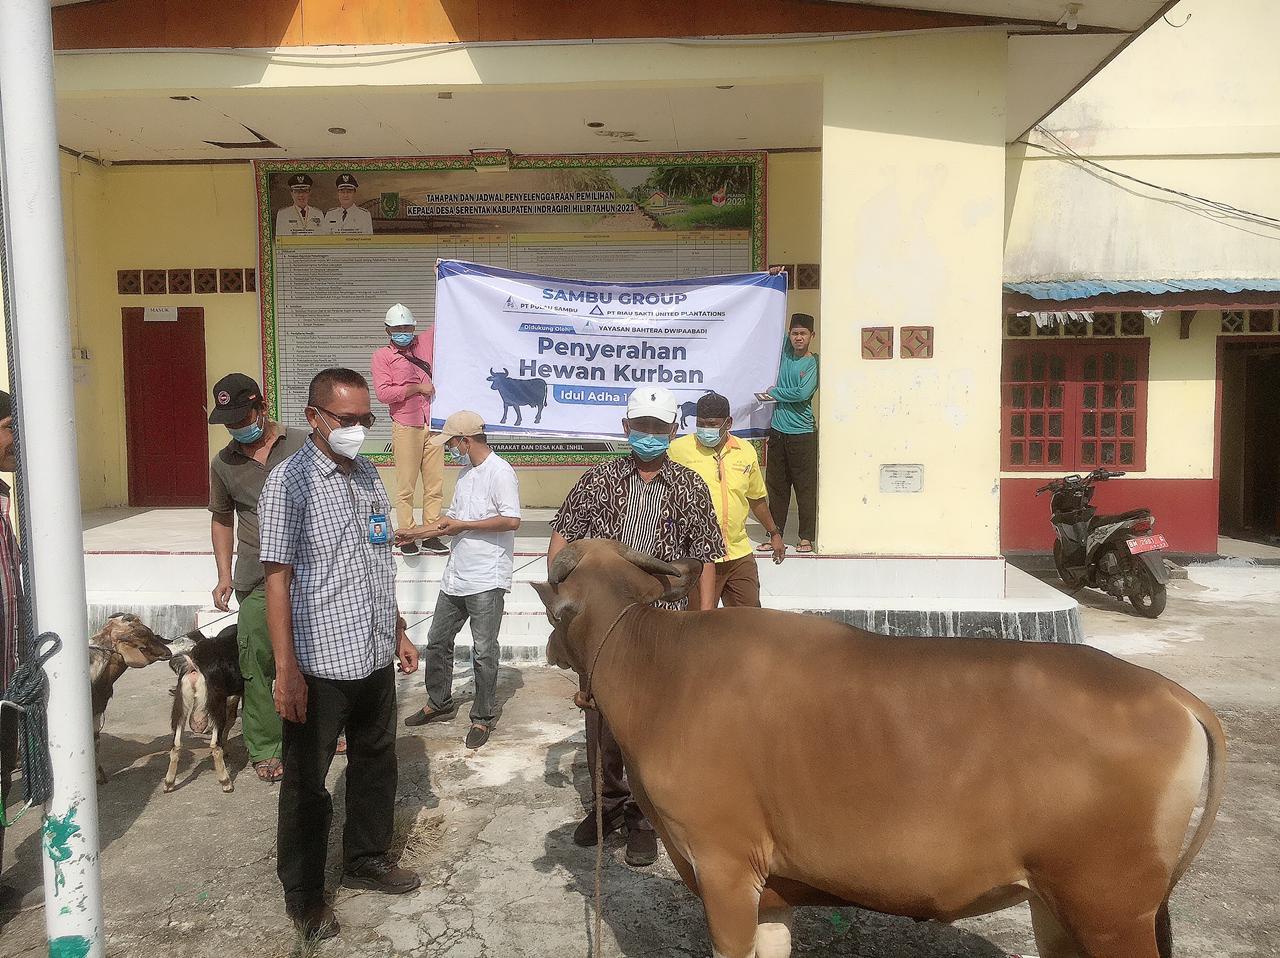 Melanjutkan Tradisi, Sambu Group Salurkan Hewan Qurban 6 Ekor Sampi dan 14 Ekor Kambing